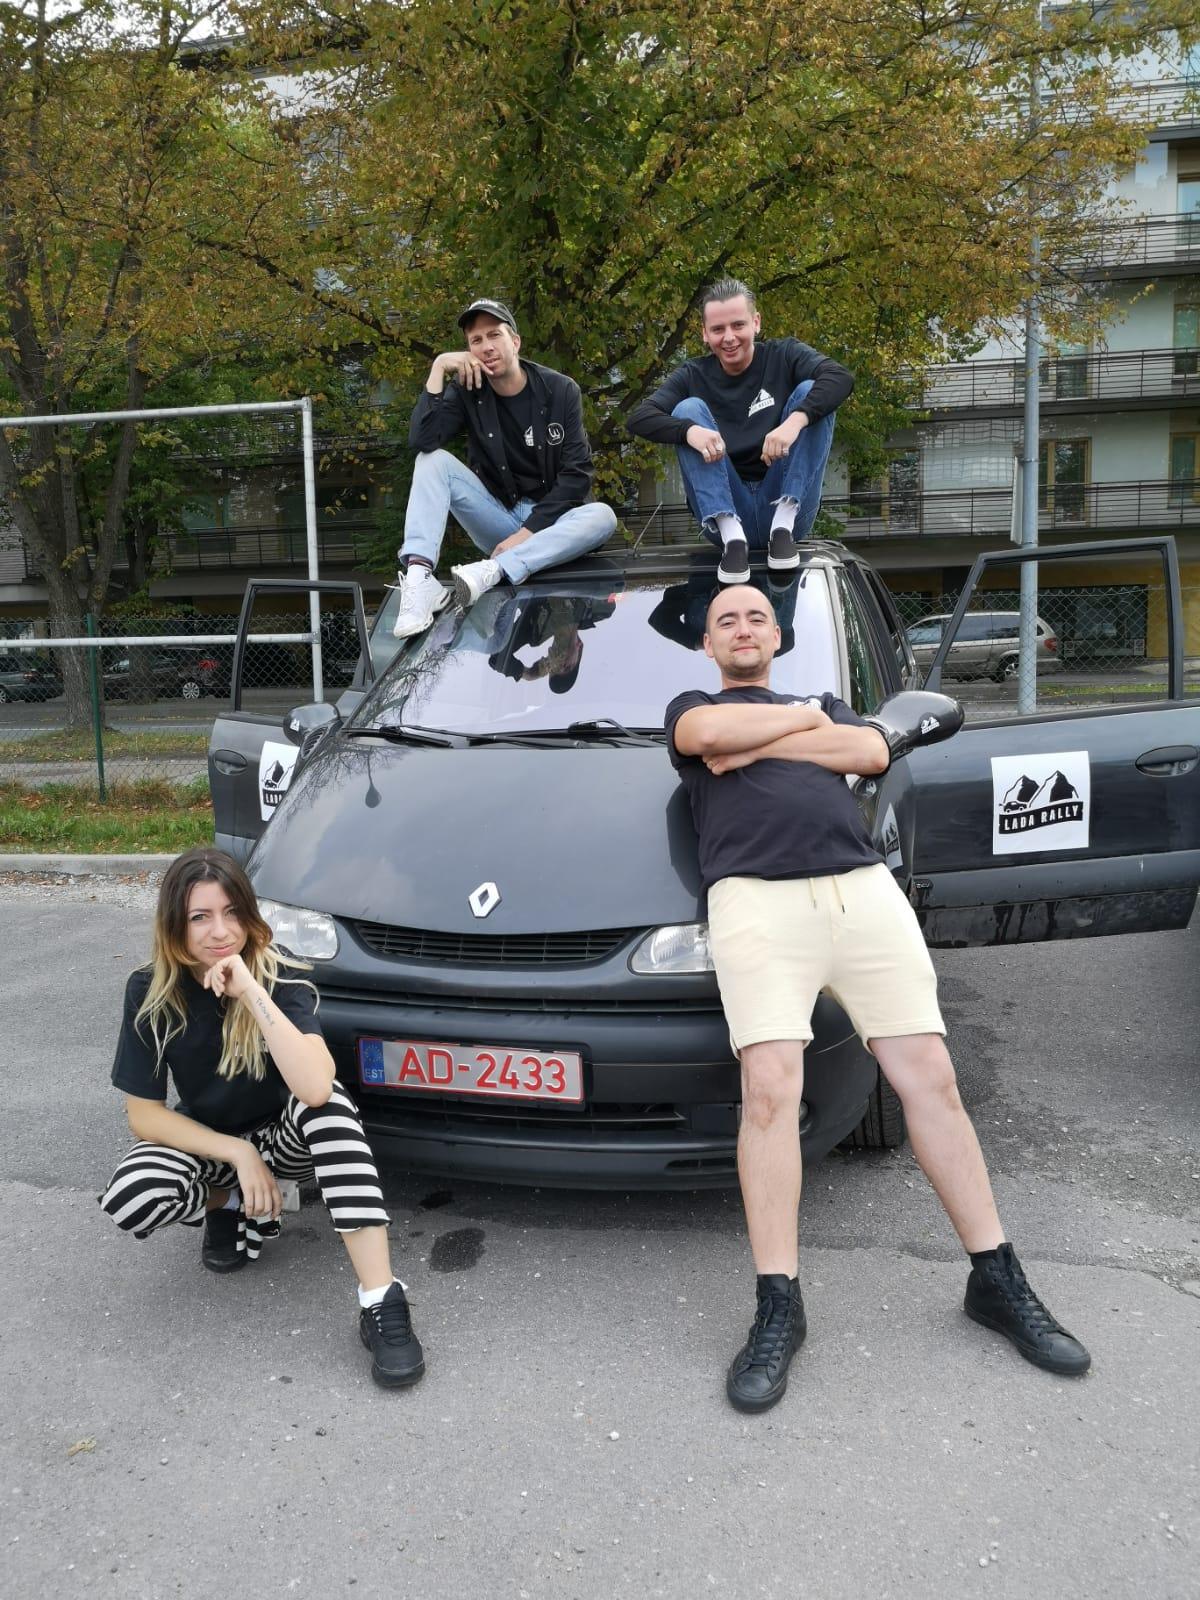 5th - East 7team - Hannah, Simon, Will, Hoey